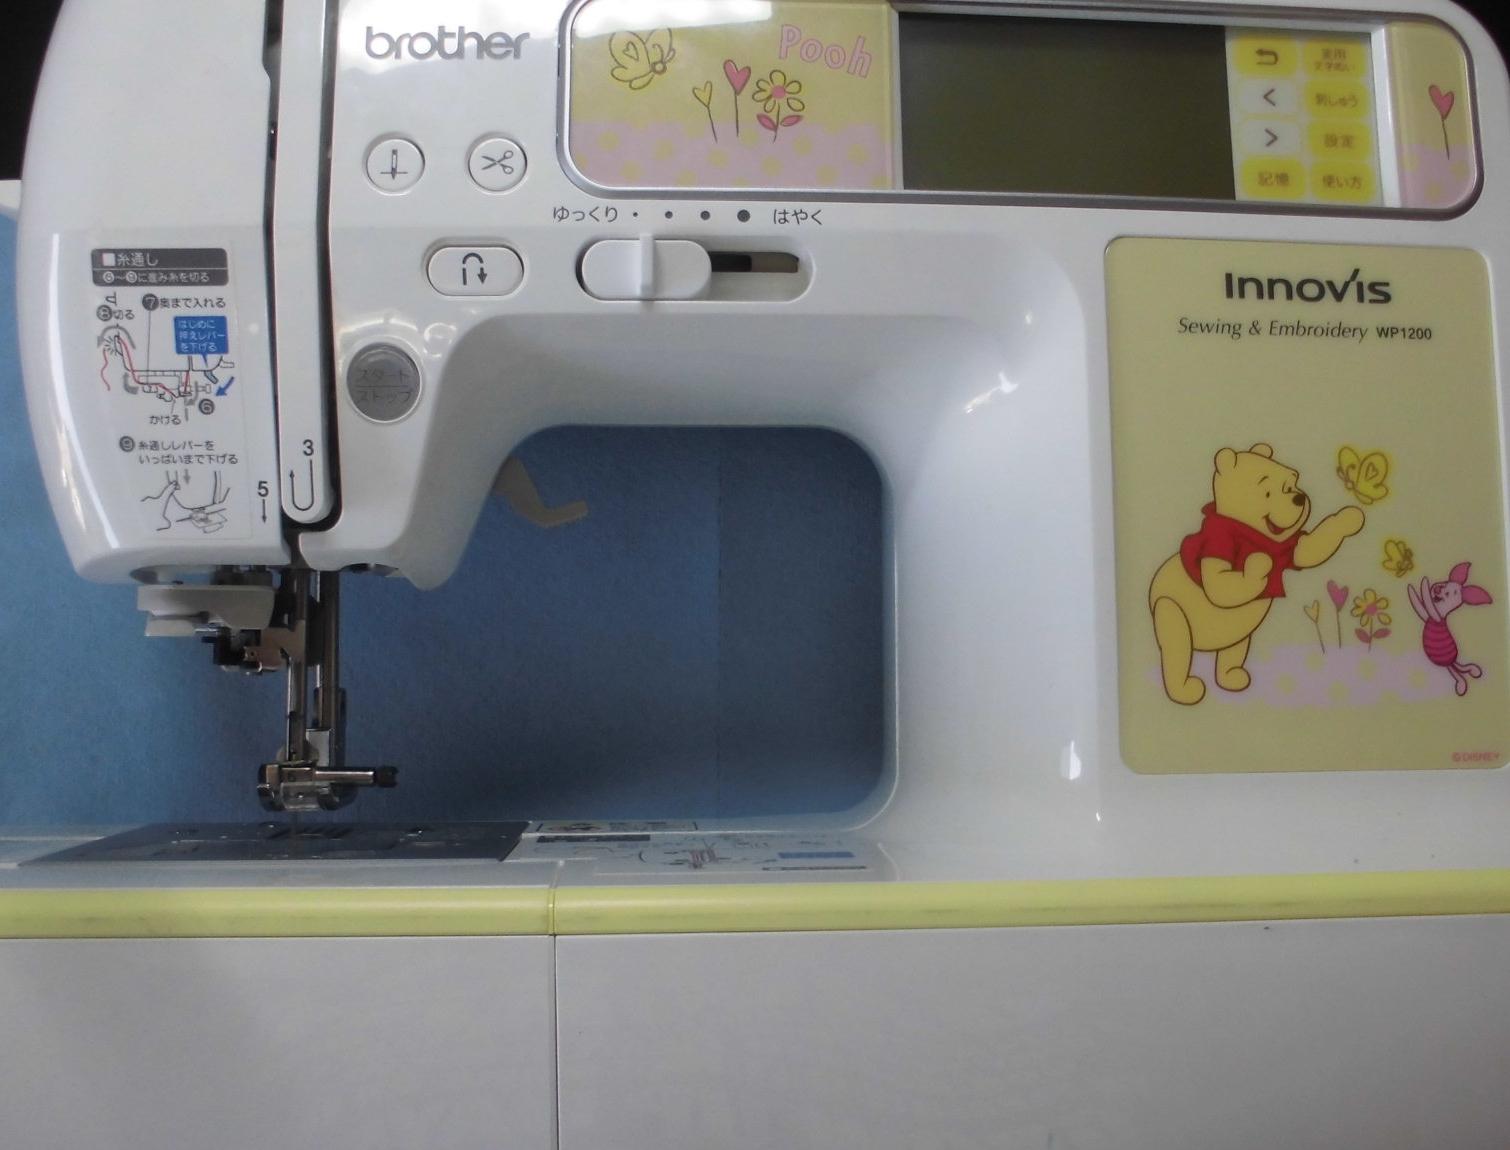 ブラザーミシン修理|WP1200|布を送らない、固着、異音